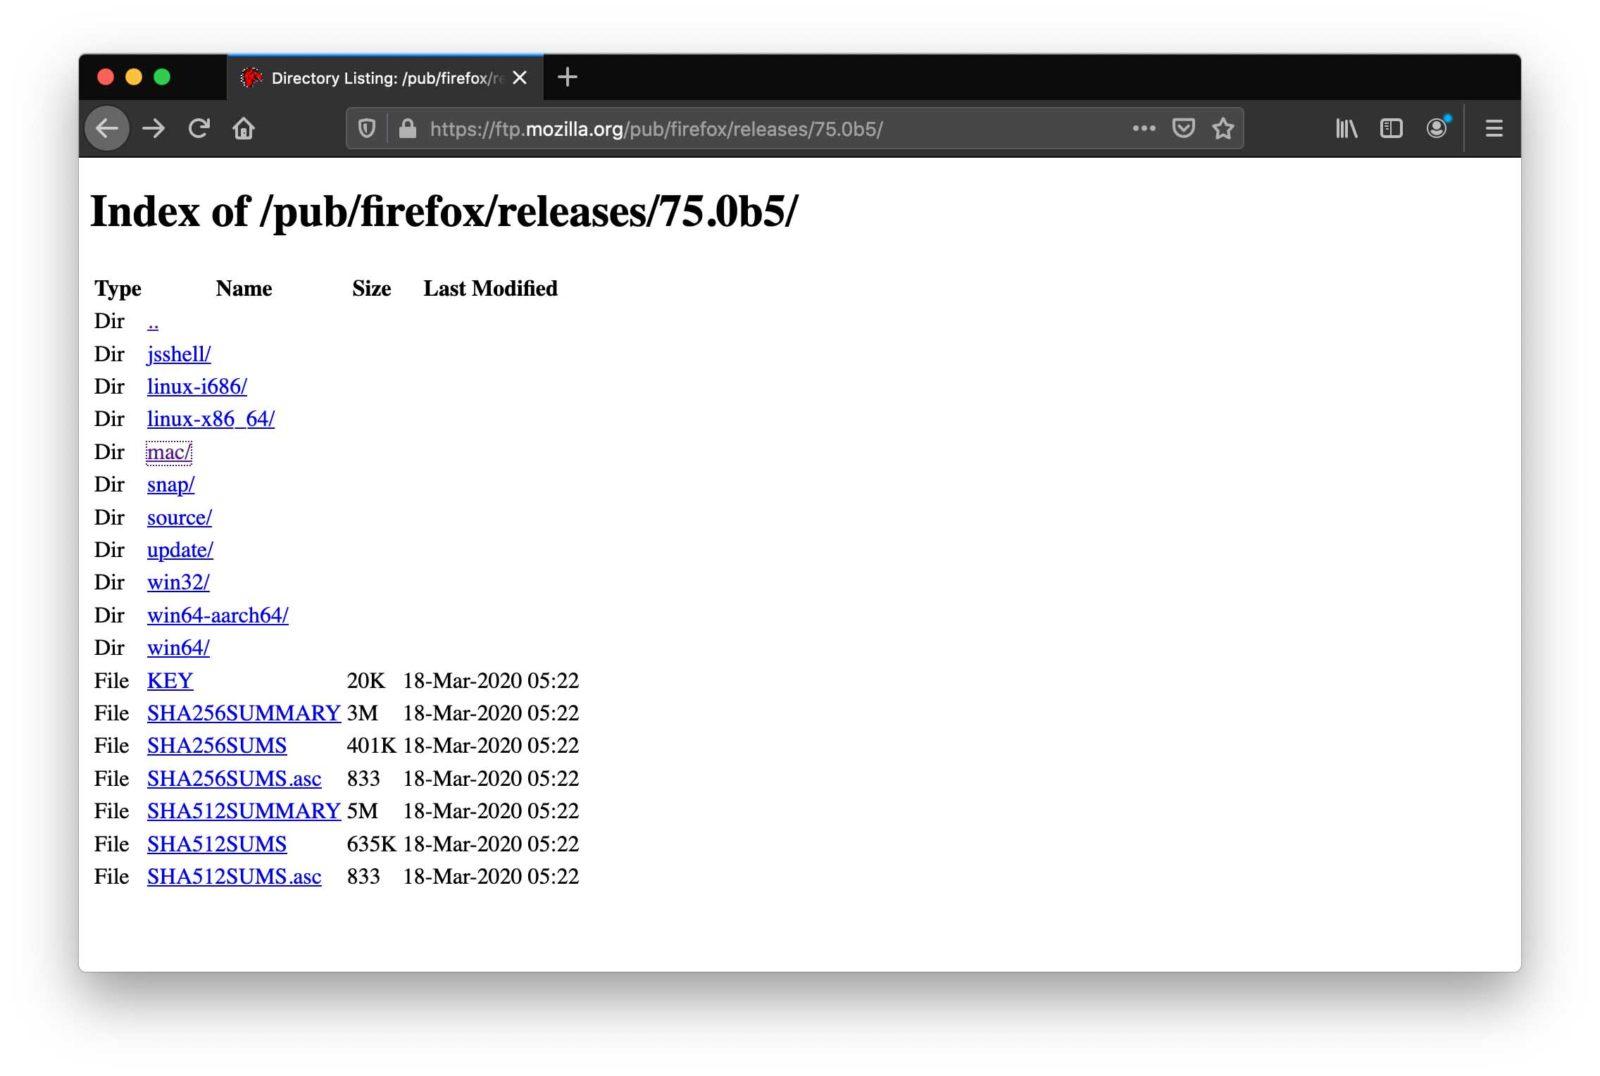 Mozilla eliminerà il supporto al protocollo FTP da Firefox